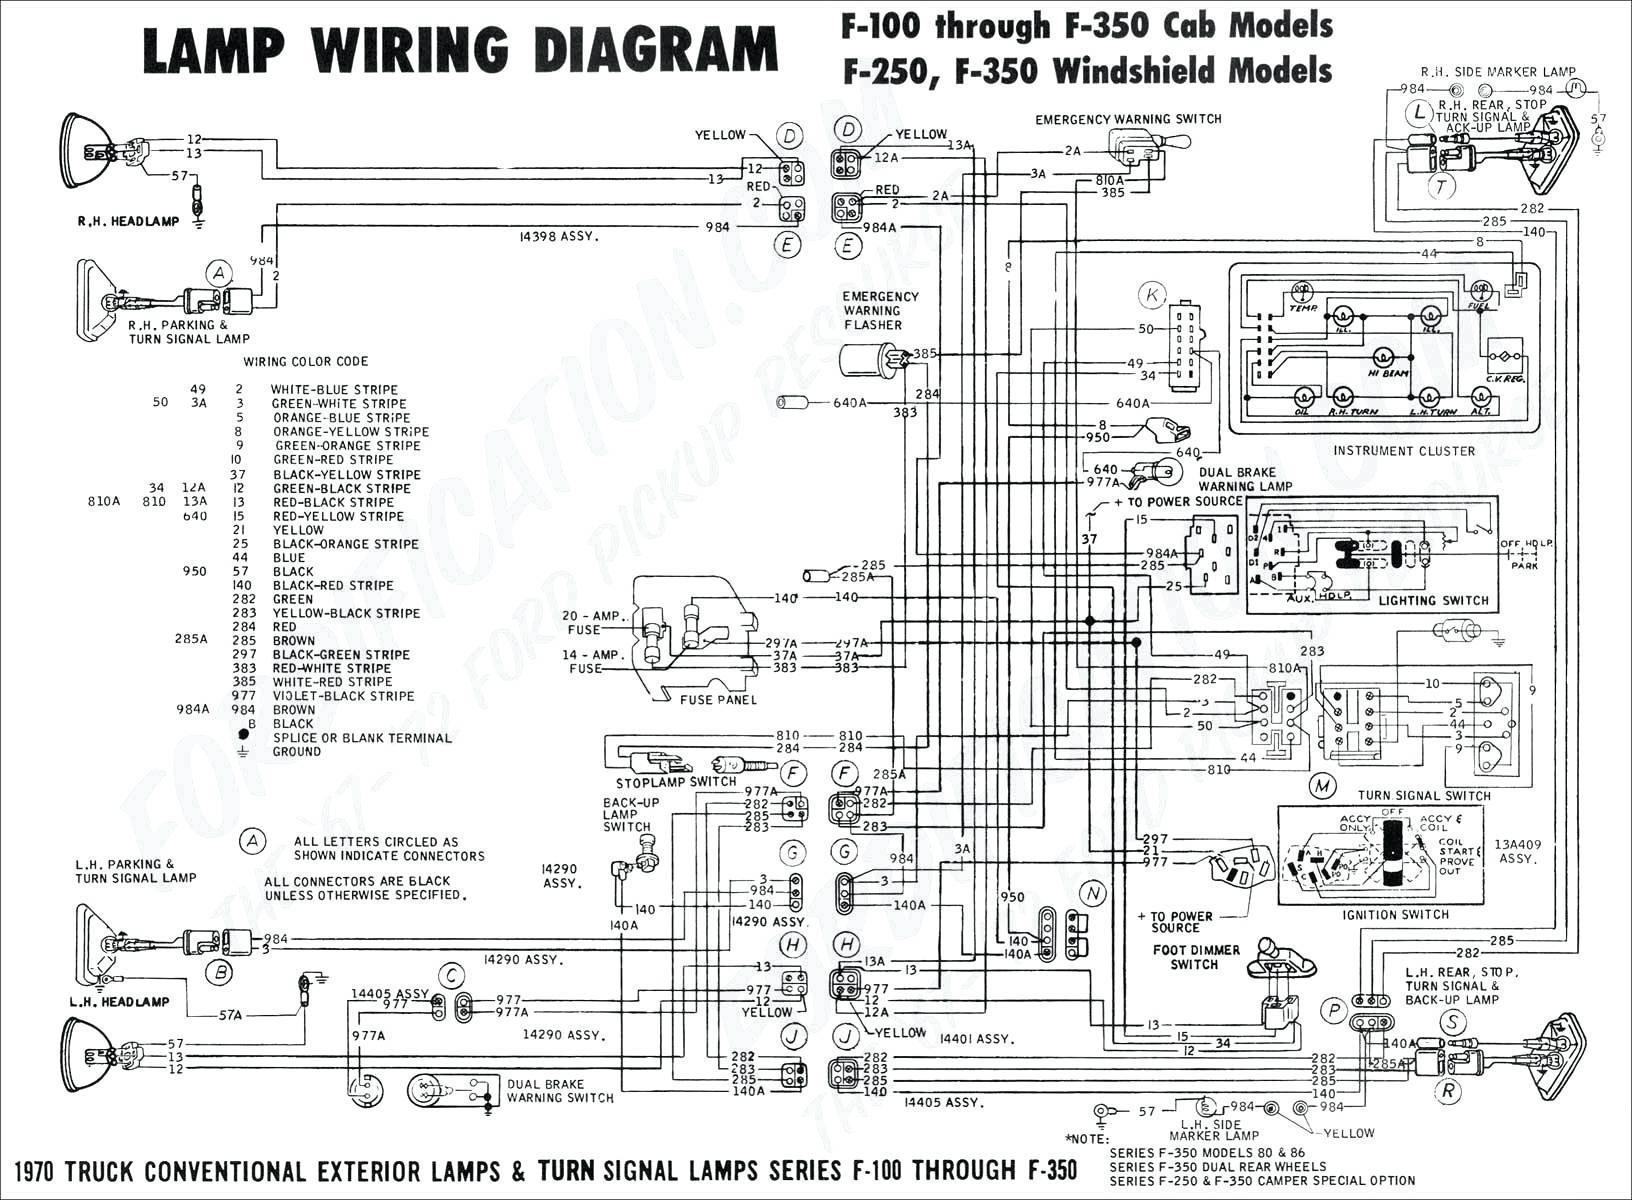 1996 Gas Ezgo Wire Diagram 0d22f 1996 P30 Wiring Diagram Of 1996 Gas Ezgo Wire Diagram